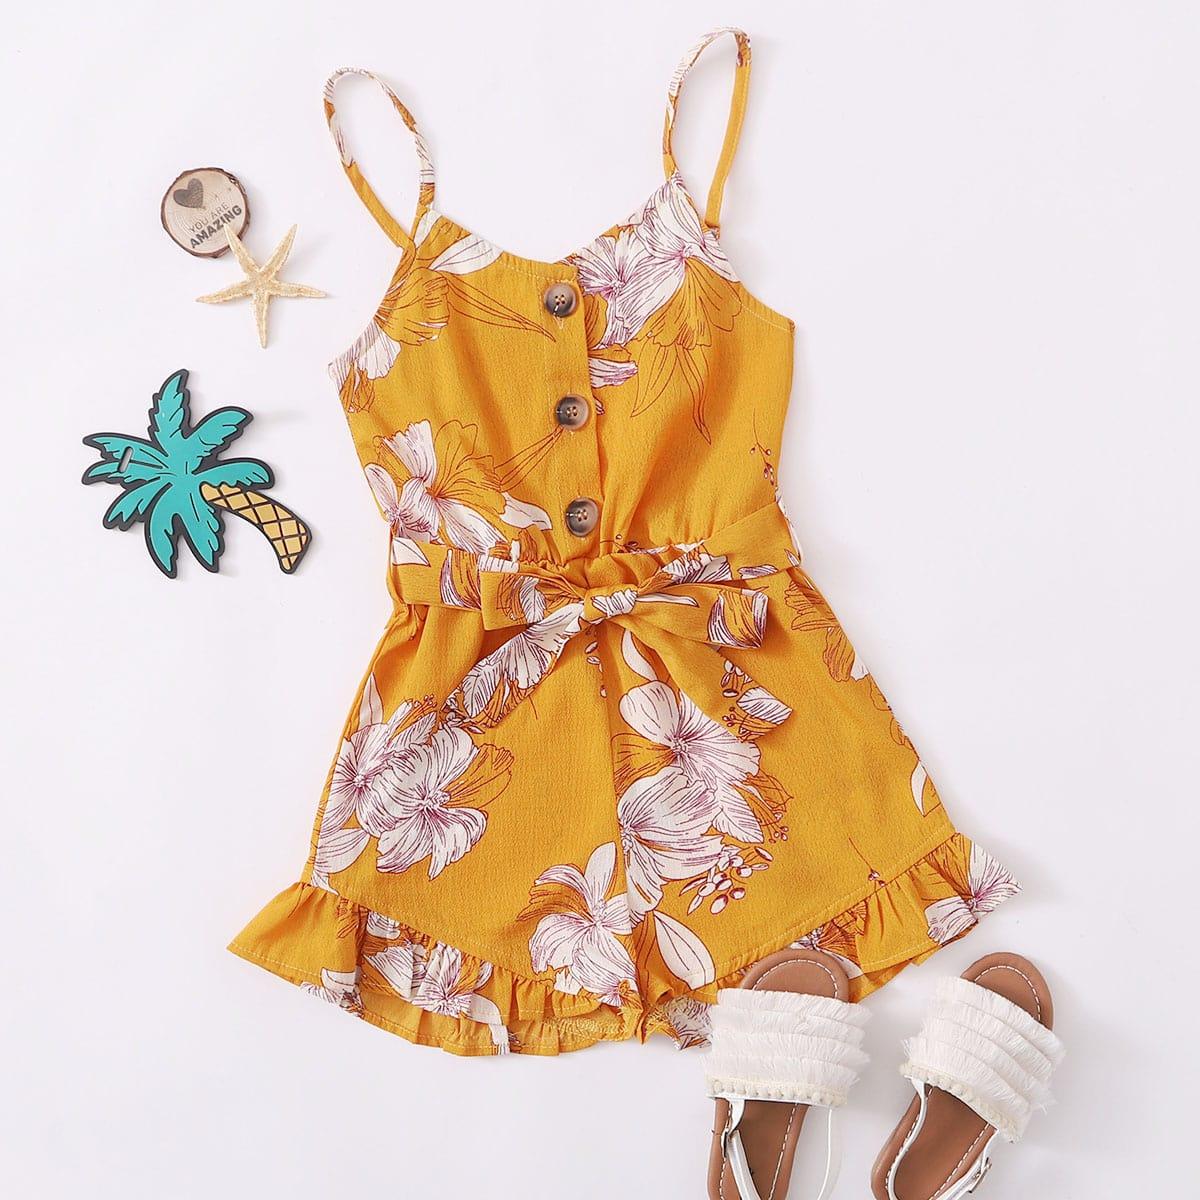 Комбинезон с цветочным принтом, пуговицами и поясом для девочек фото